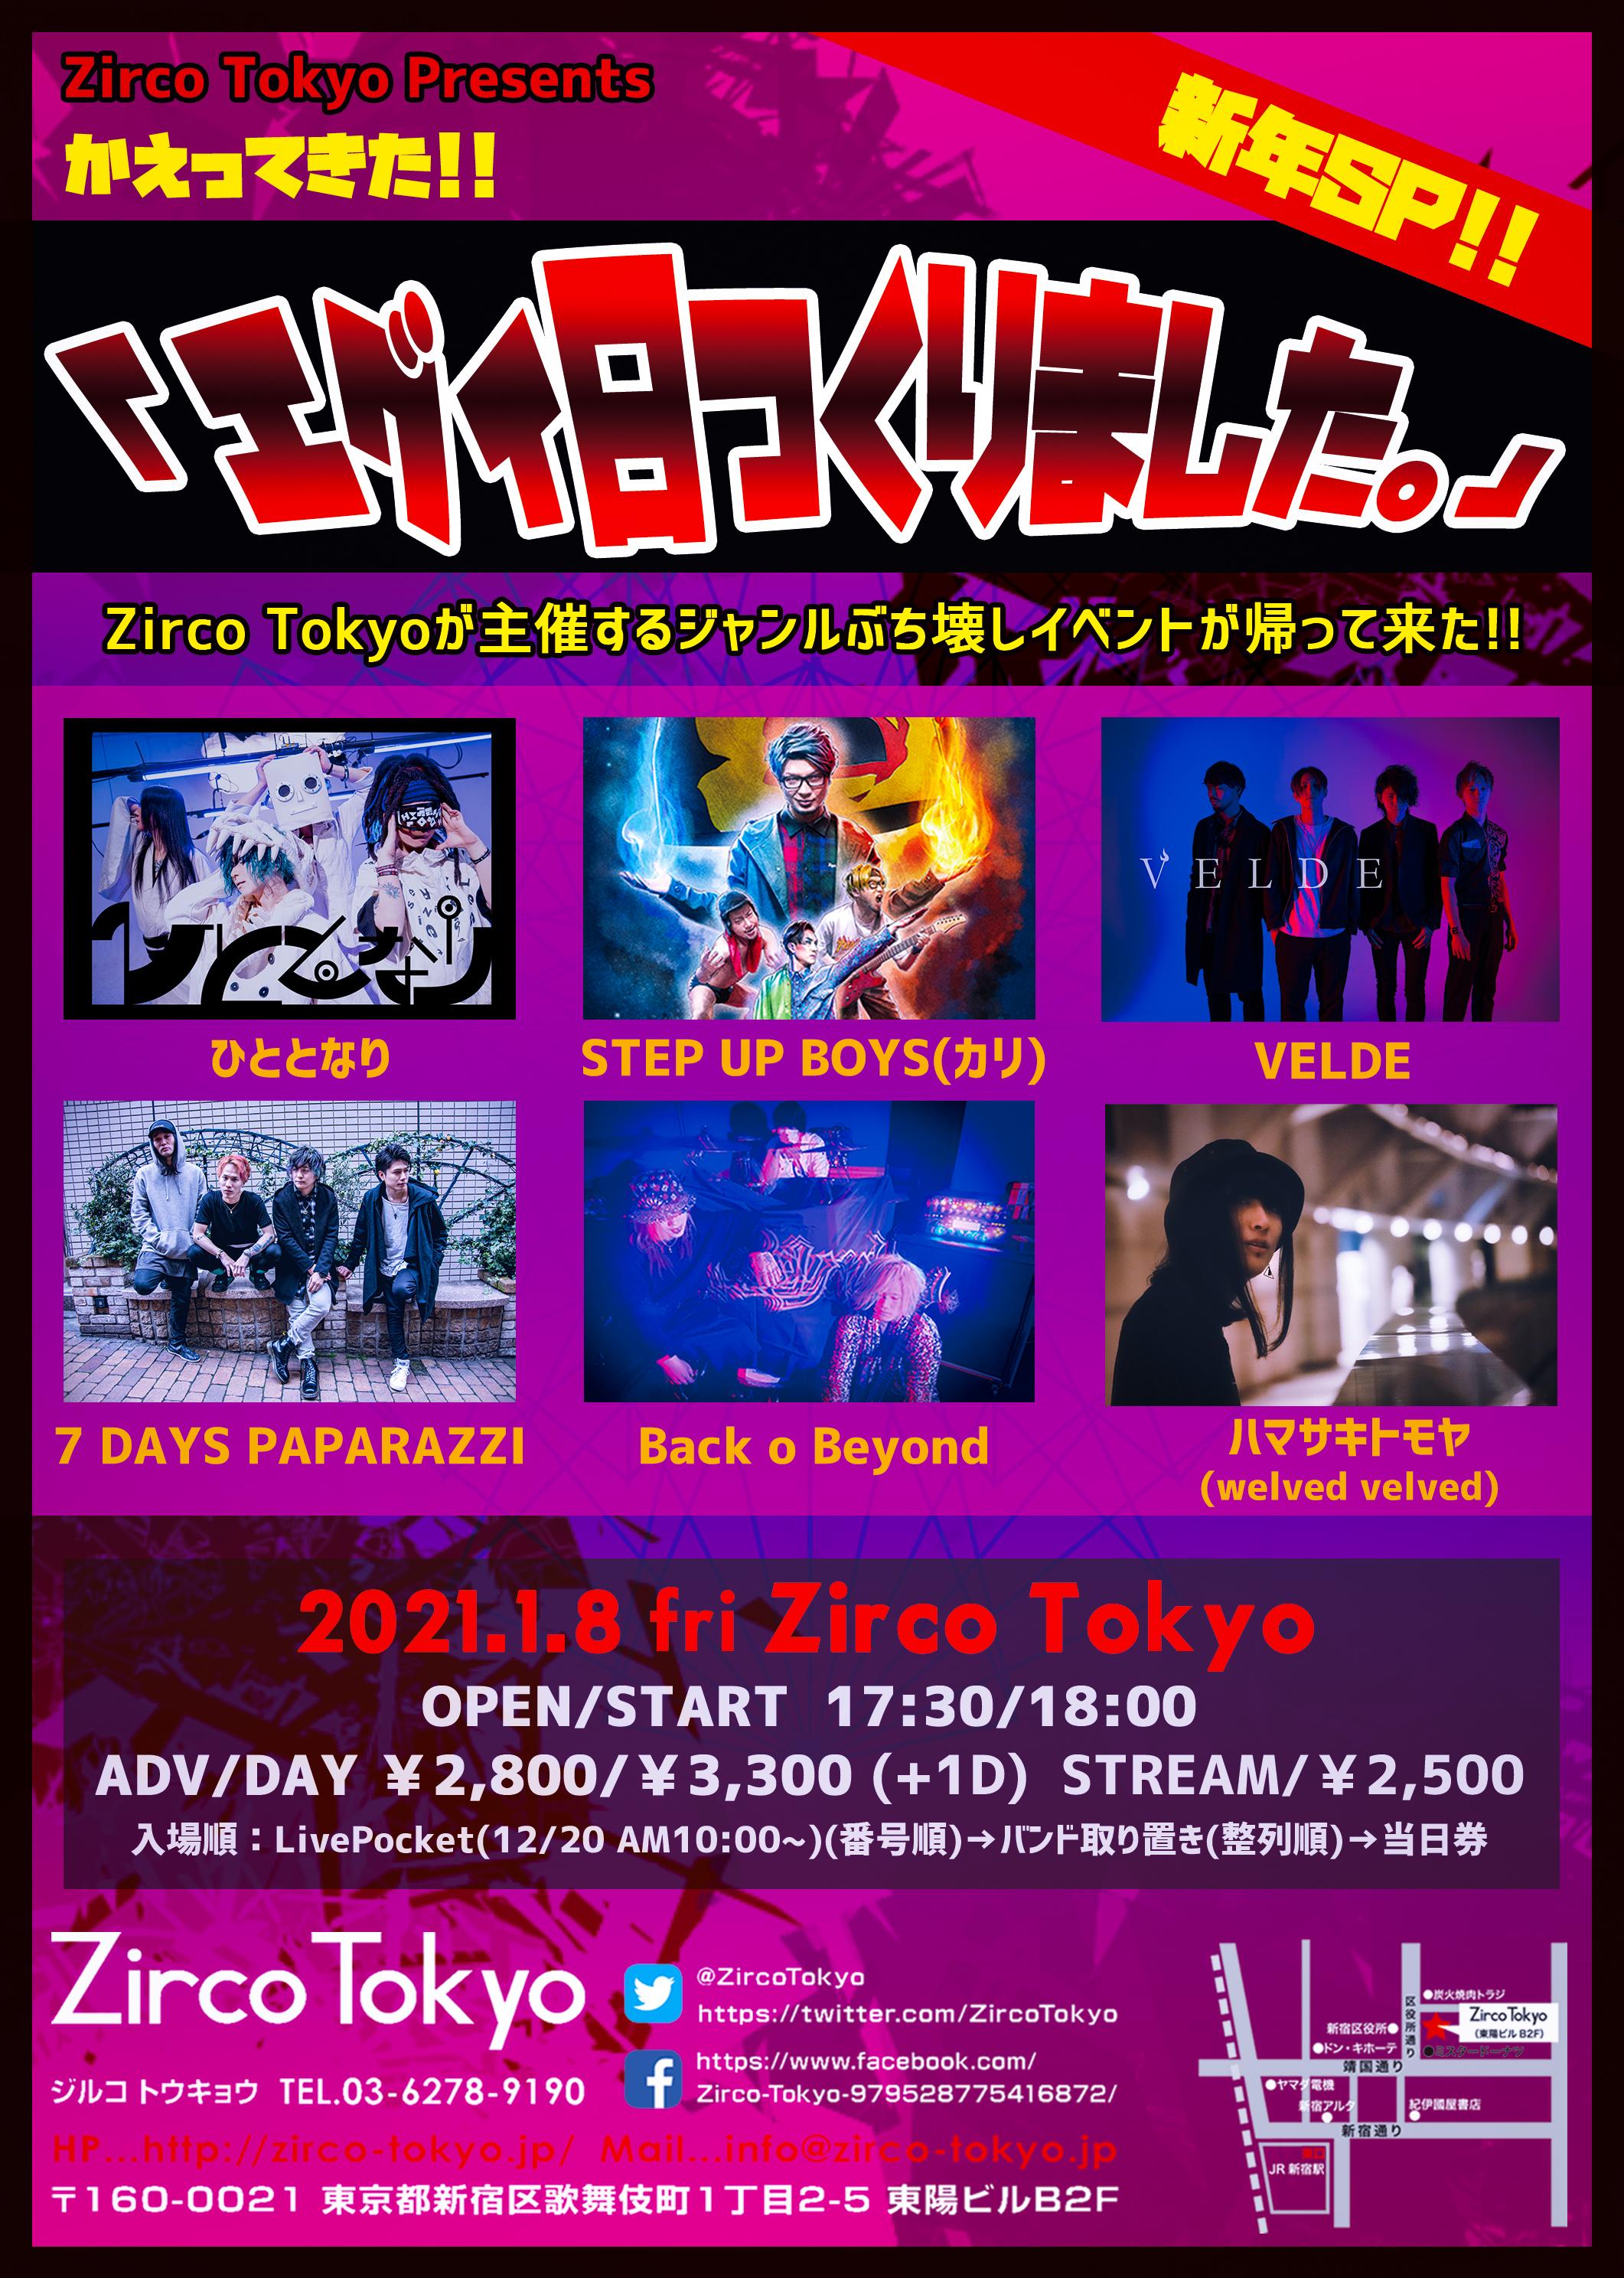 Zirco Tokyo Presents かえってきた!!「エグイ日つくりました。」新年SP!!